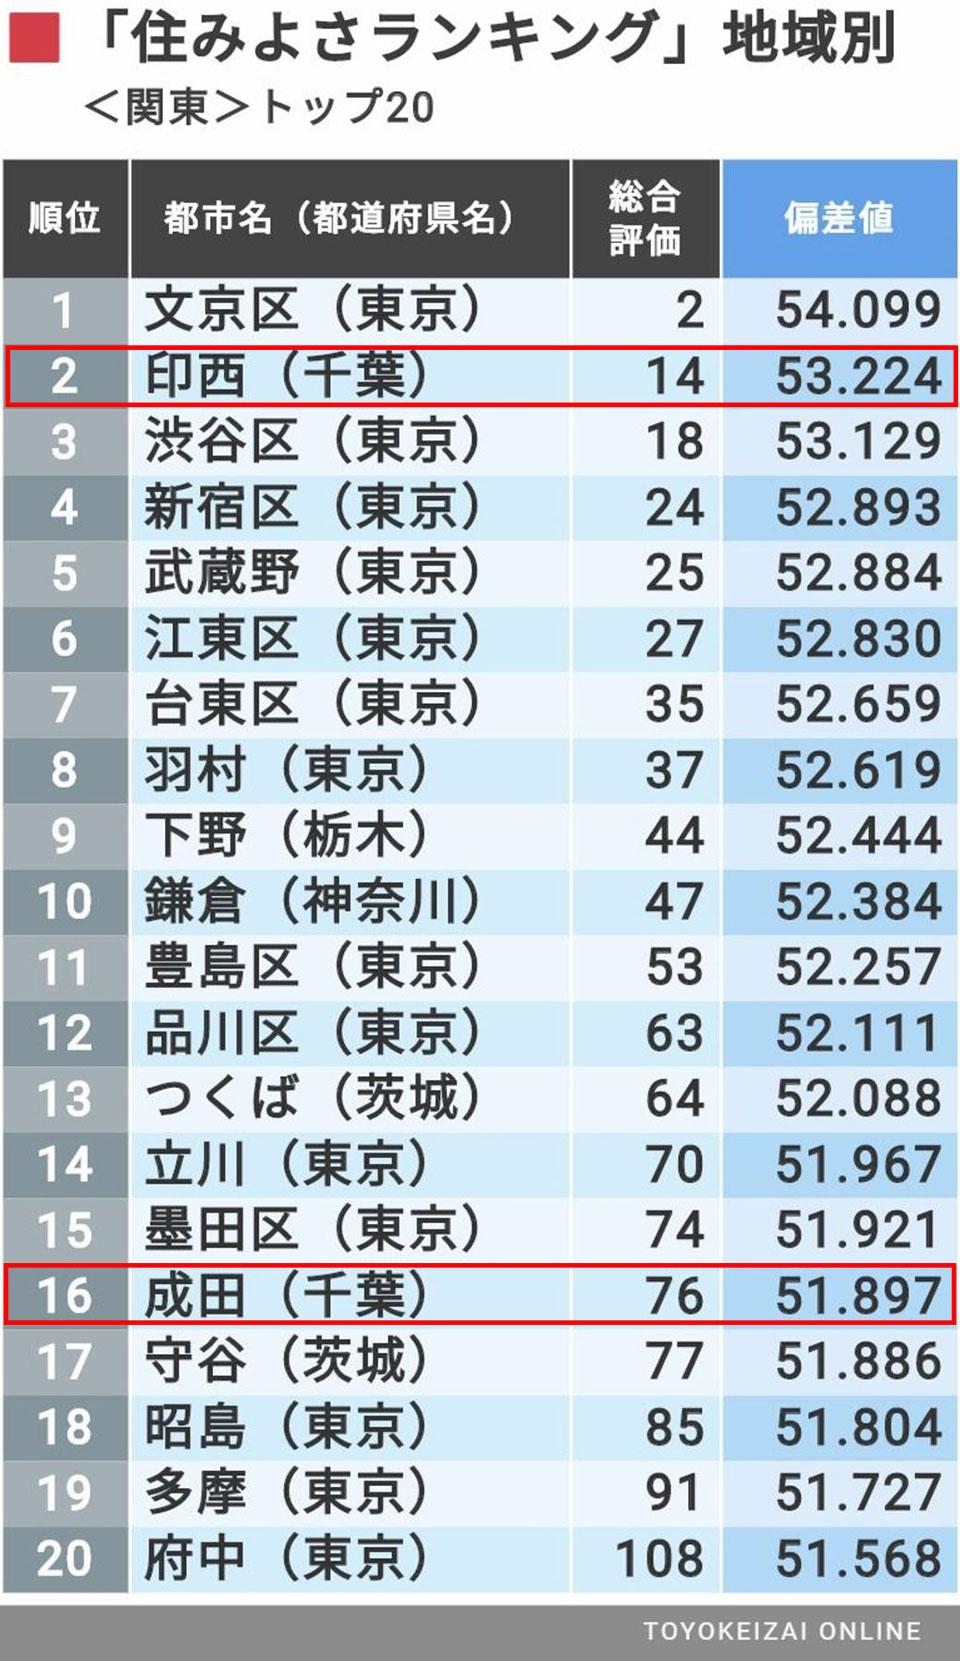 住みよさランキング2019:関東&北海道東北編